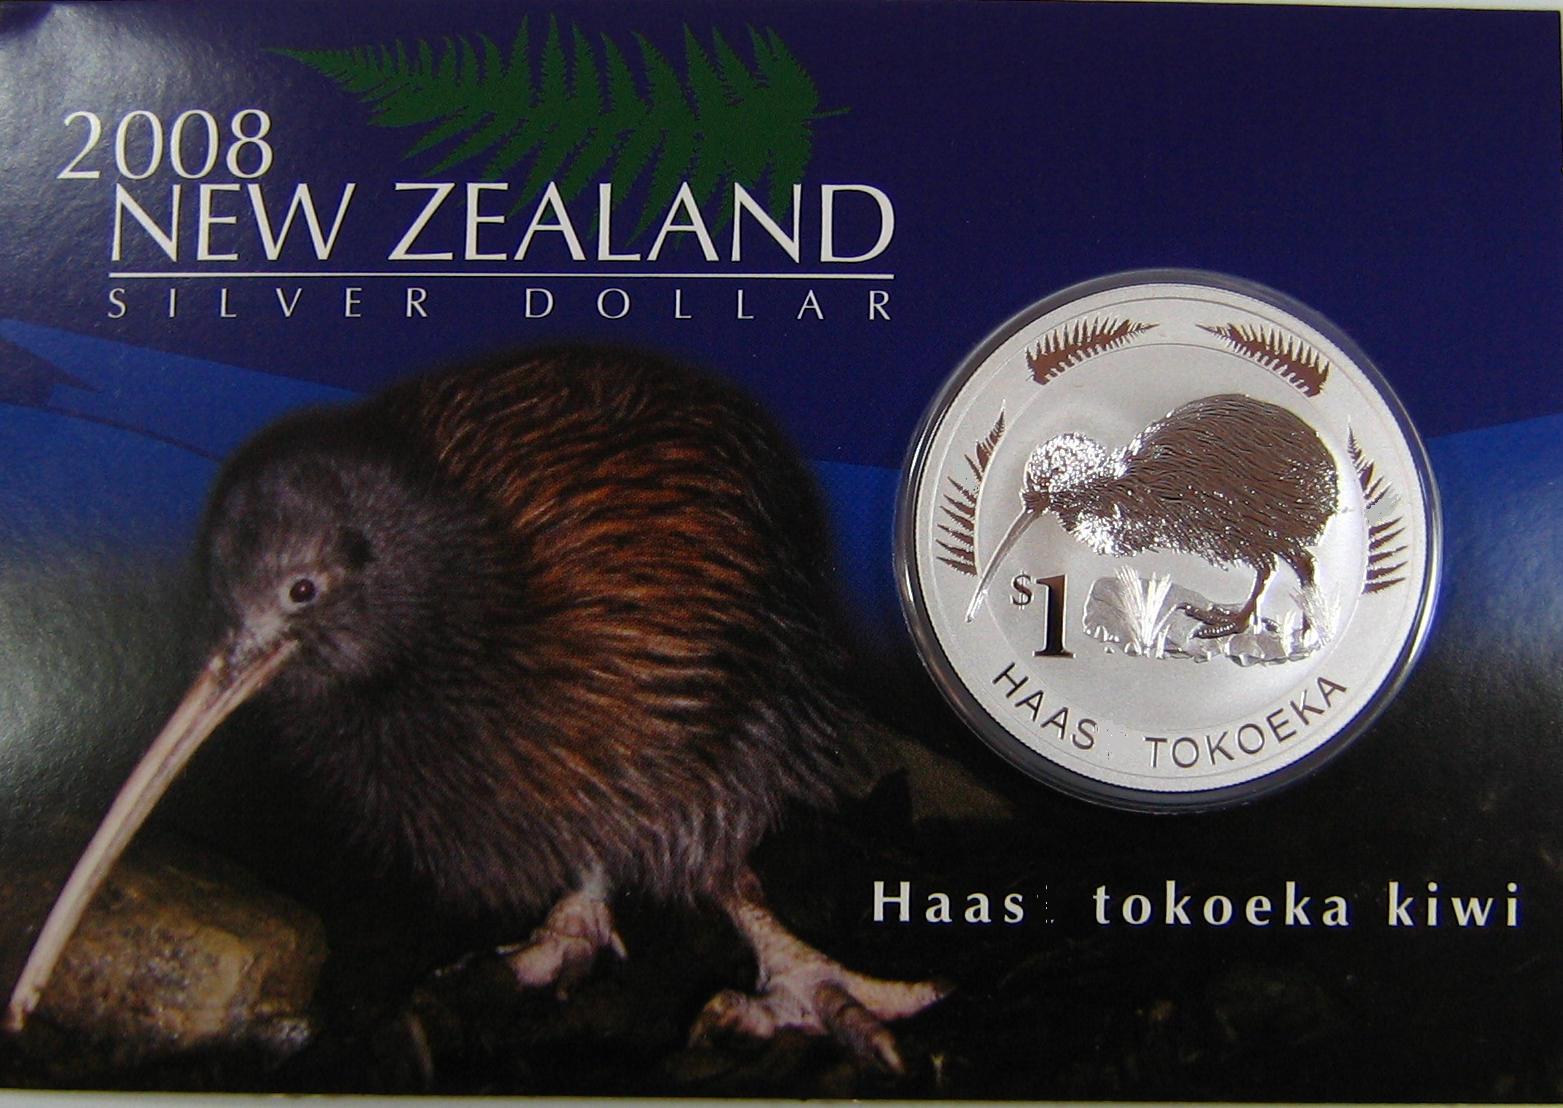 Kiwi 2008 1oz Silber in der kiwi-typischen Karte